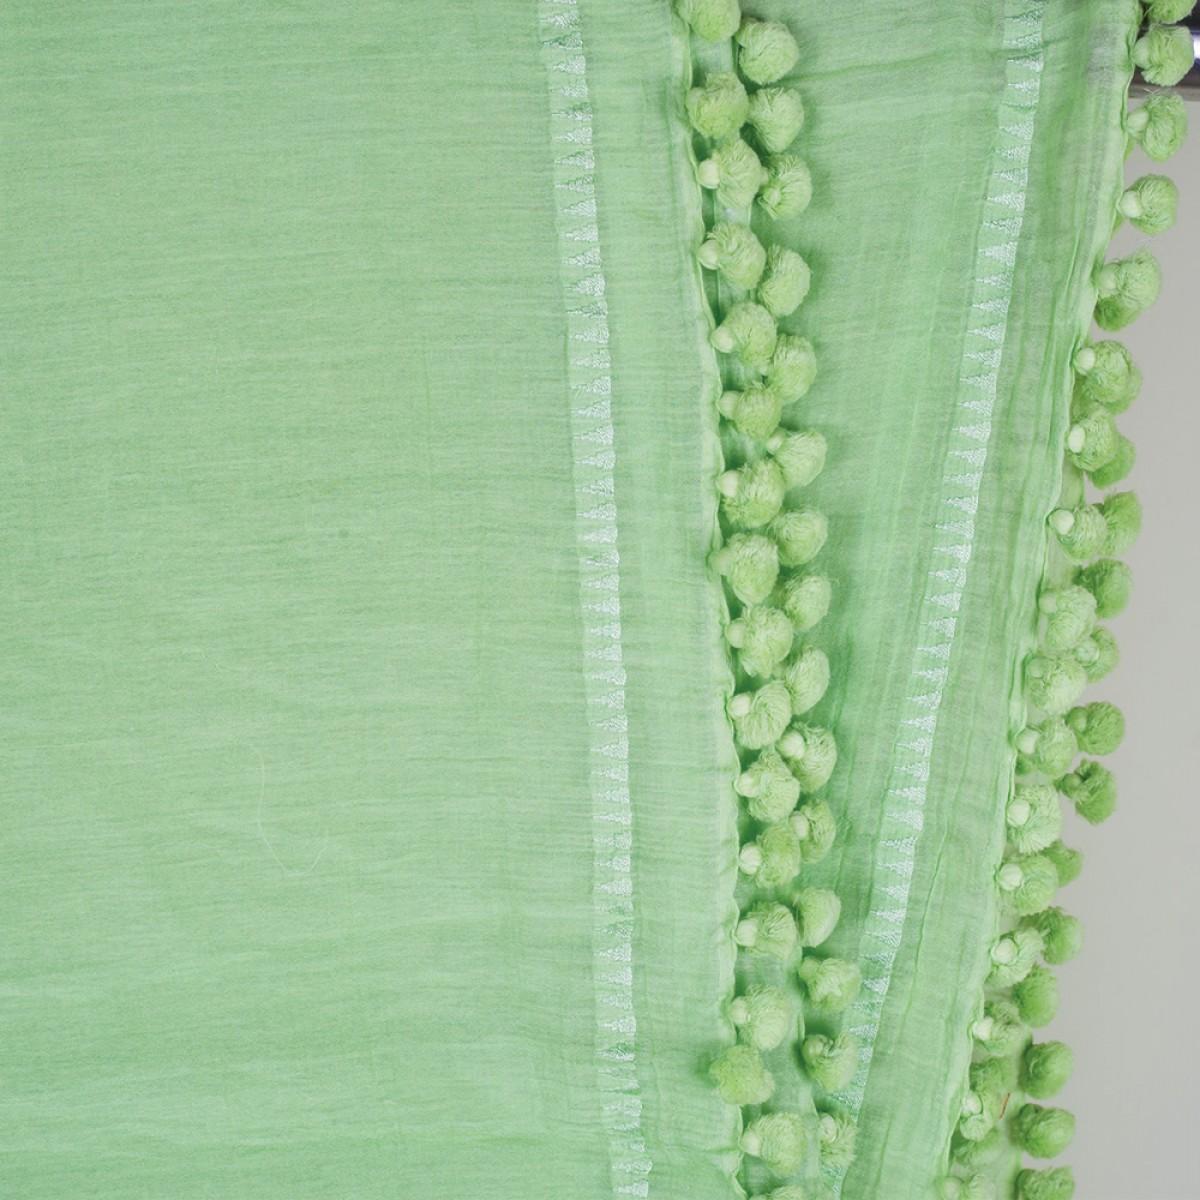 Cotton Pom Pom Scarf - Mint